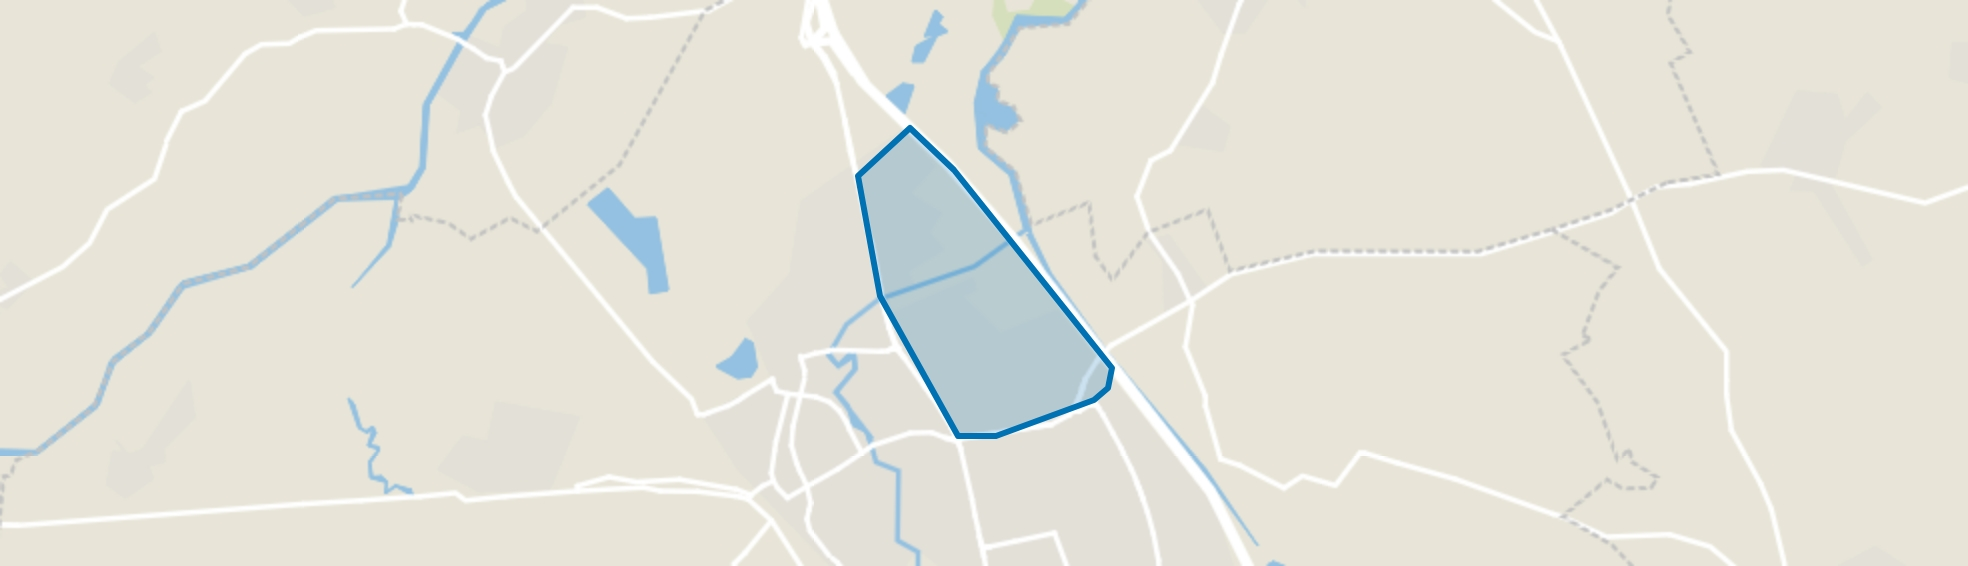 Munsel-Selissen, Boxtel map